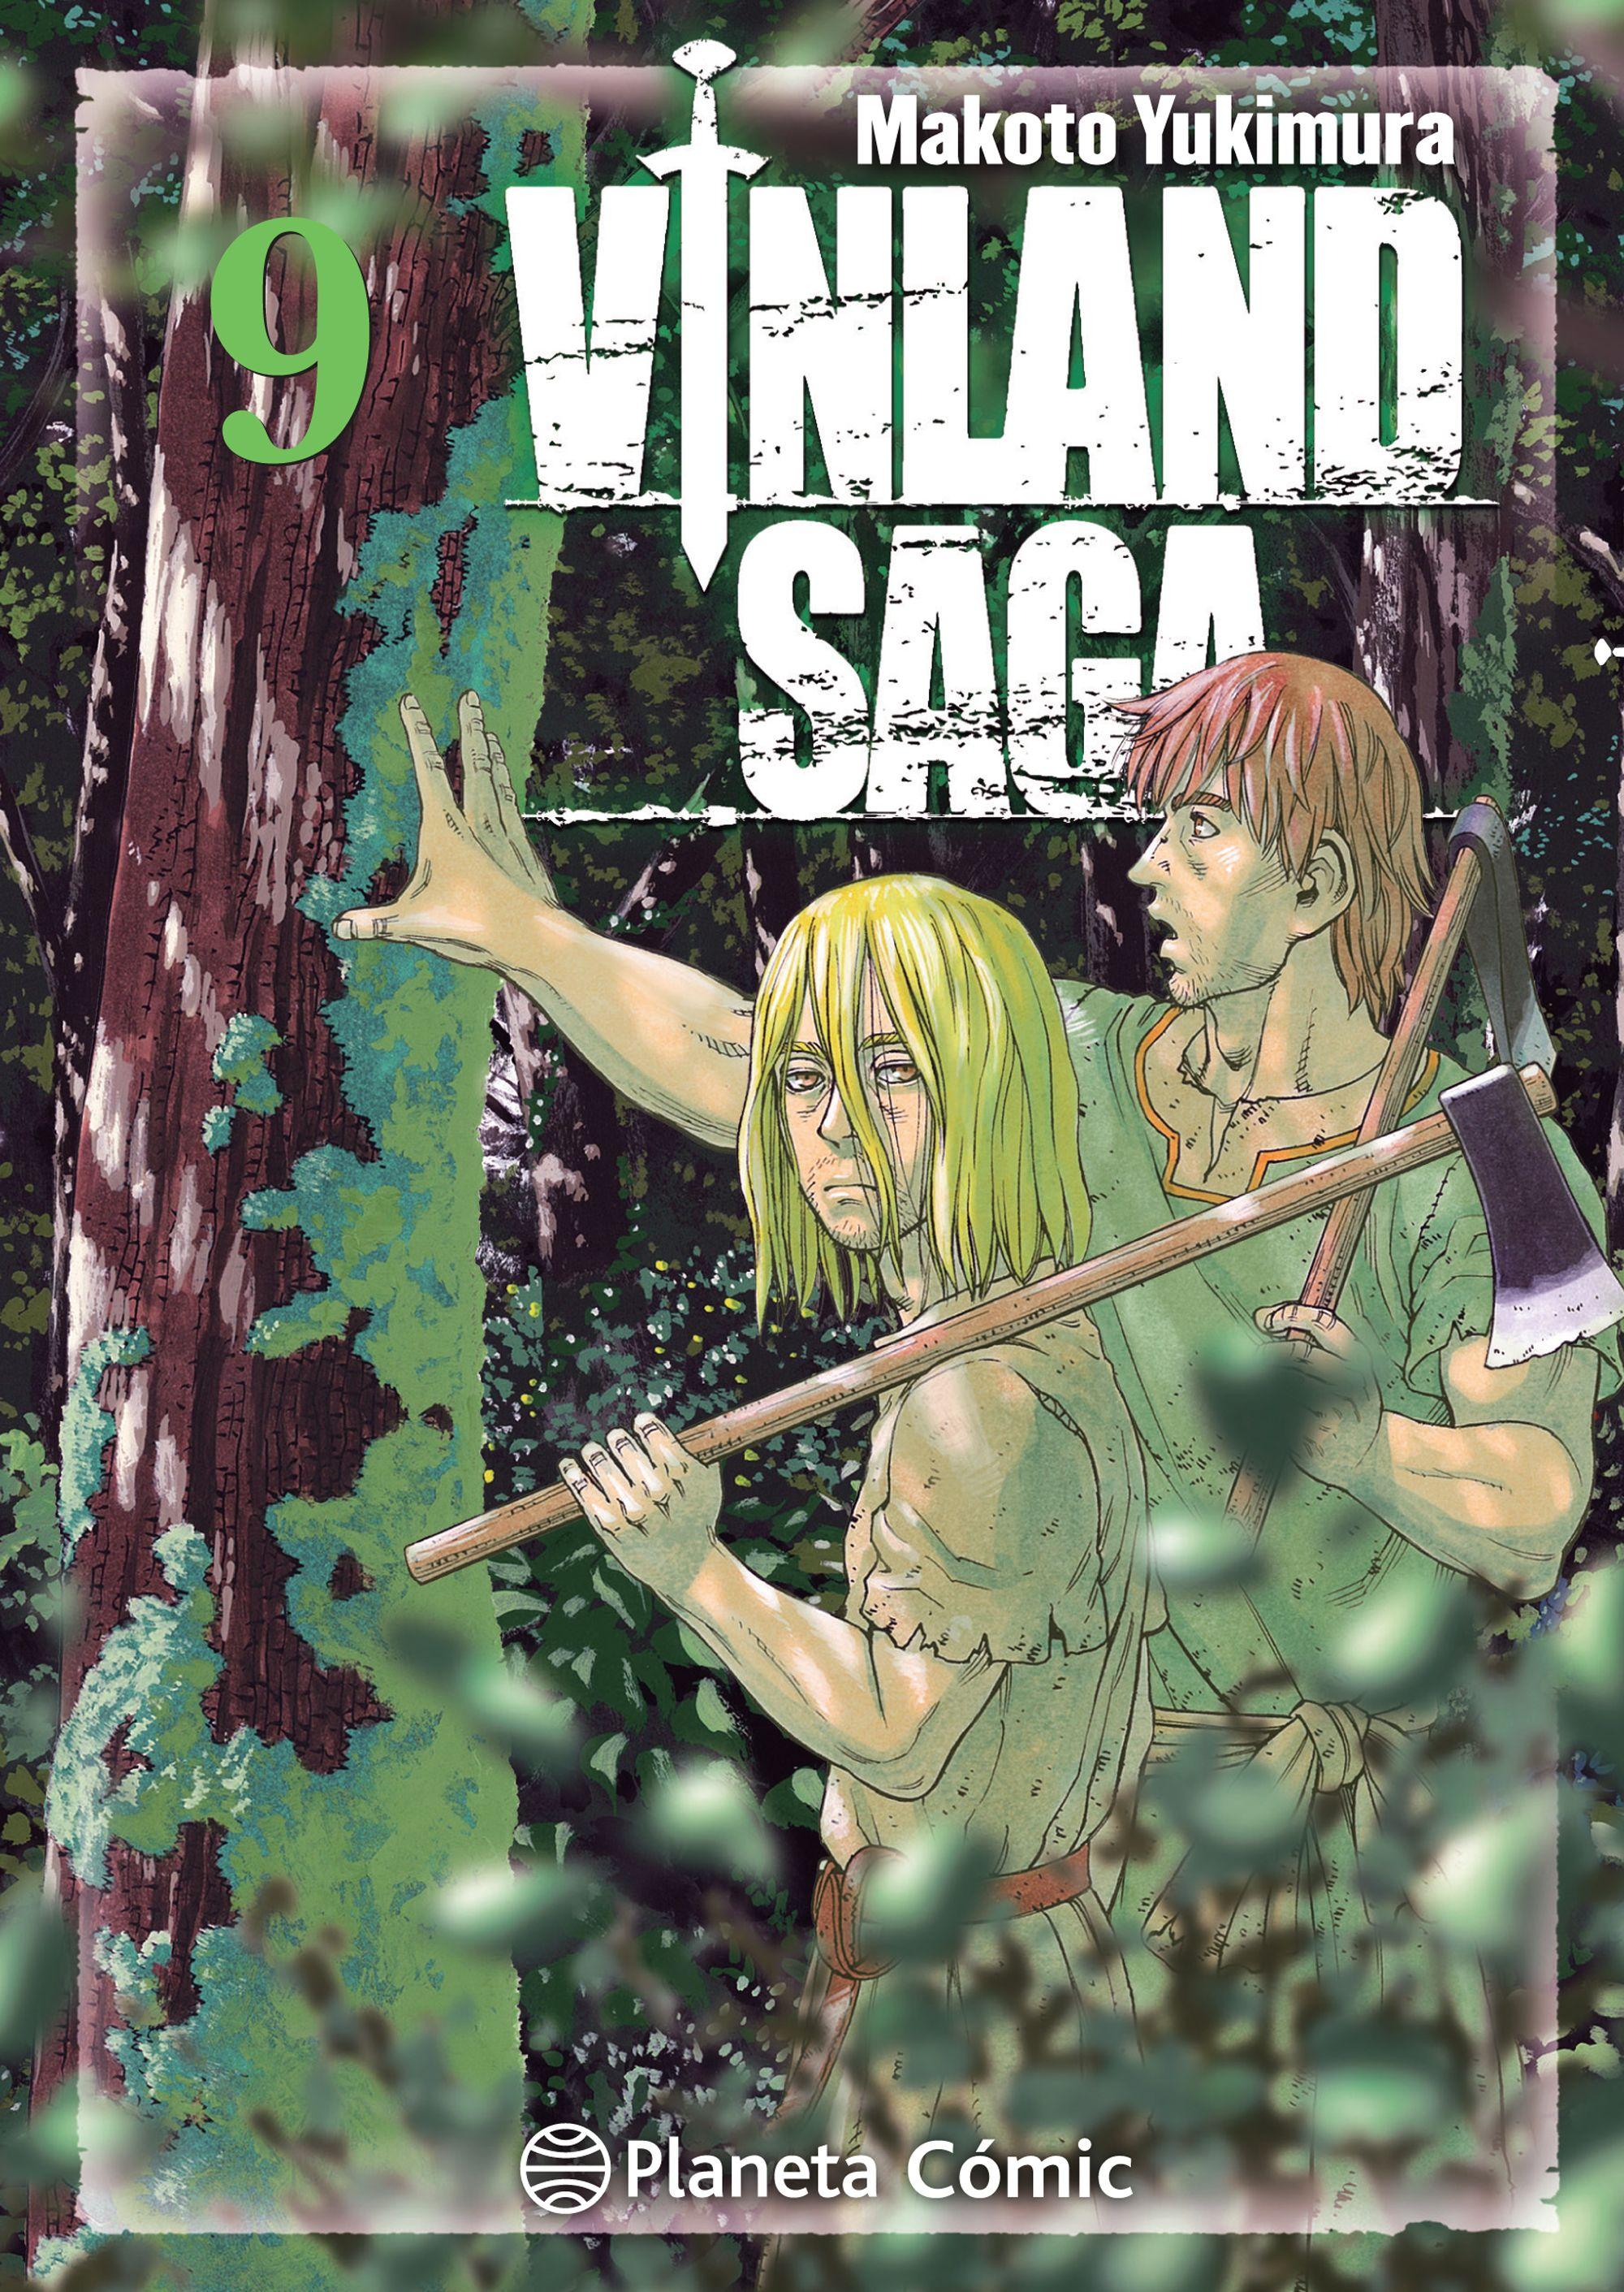 Vinland Saga 9 - Makoto Yukimura - Planeta